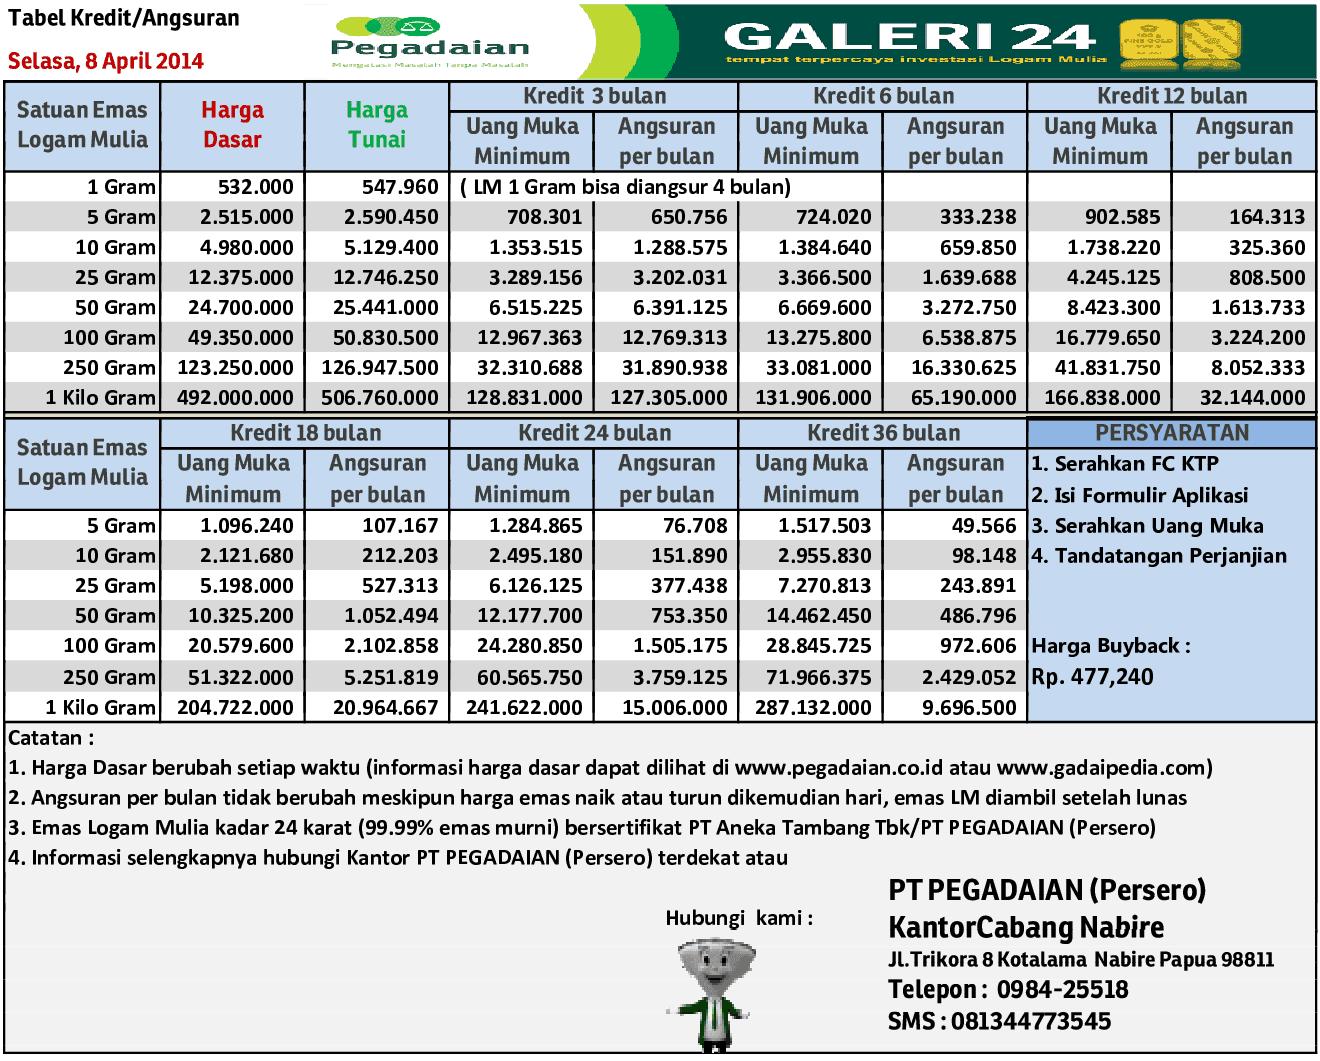 harga emas dan tabel kredit emas pegadaian 8 april 2014